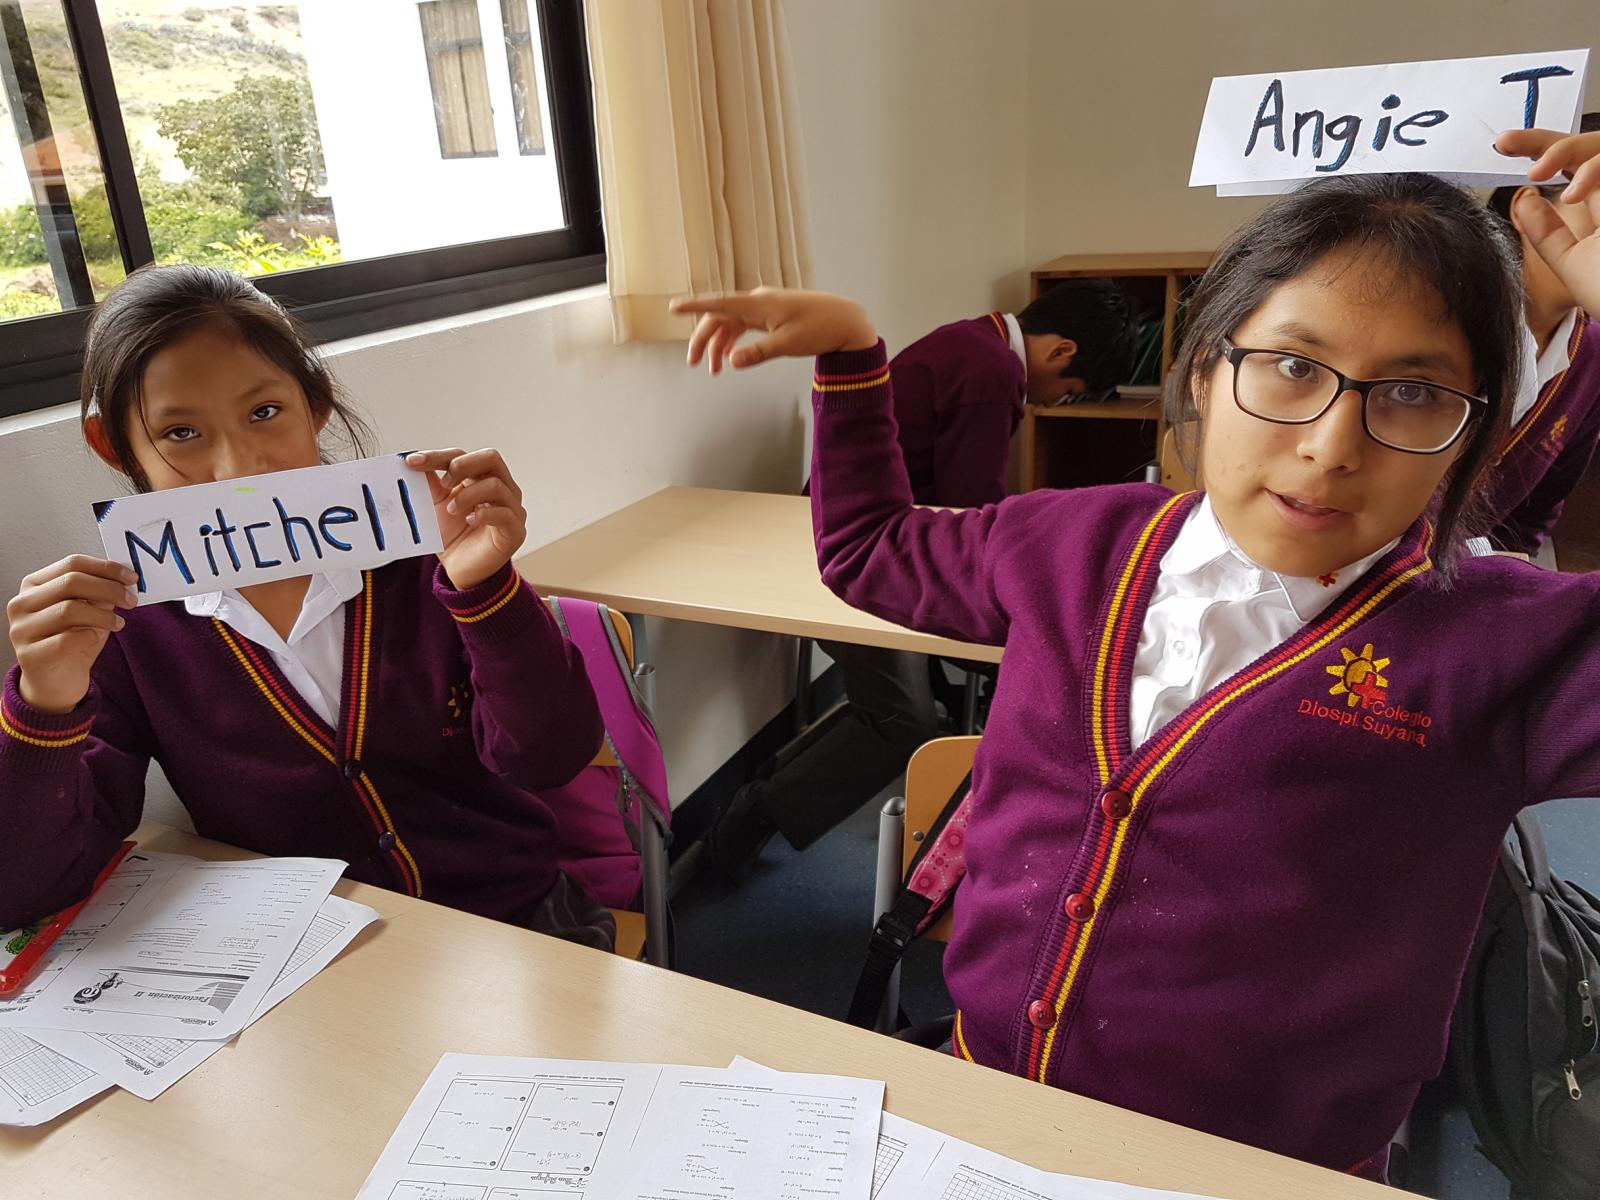 Schüler aus dem Matheunterricht.